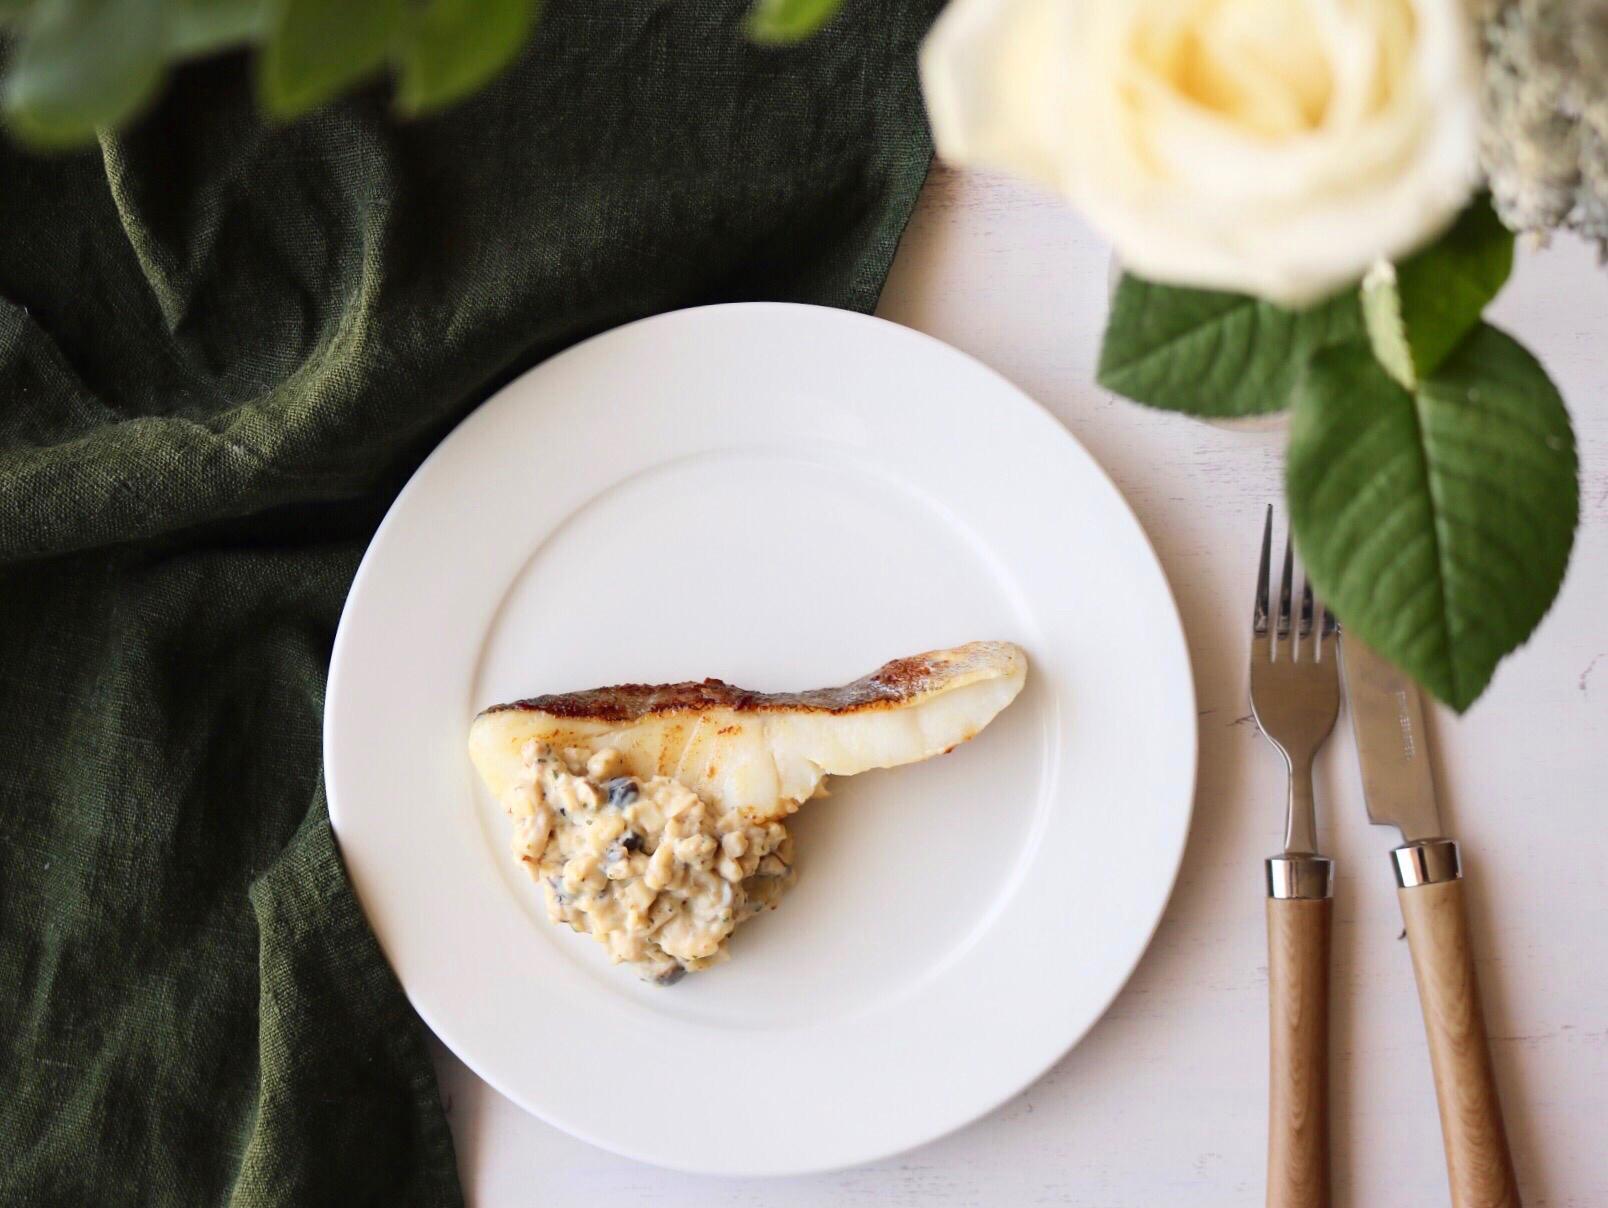 鱈のムニエル~塩こうじと豆乳のソース~